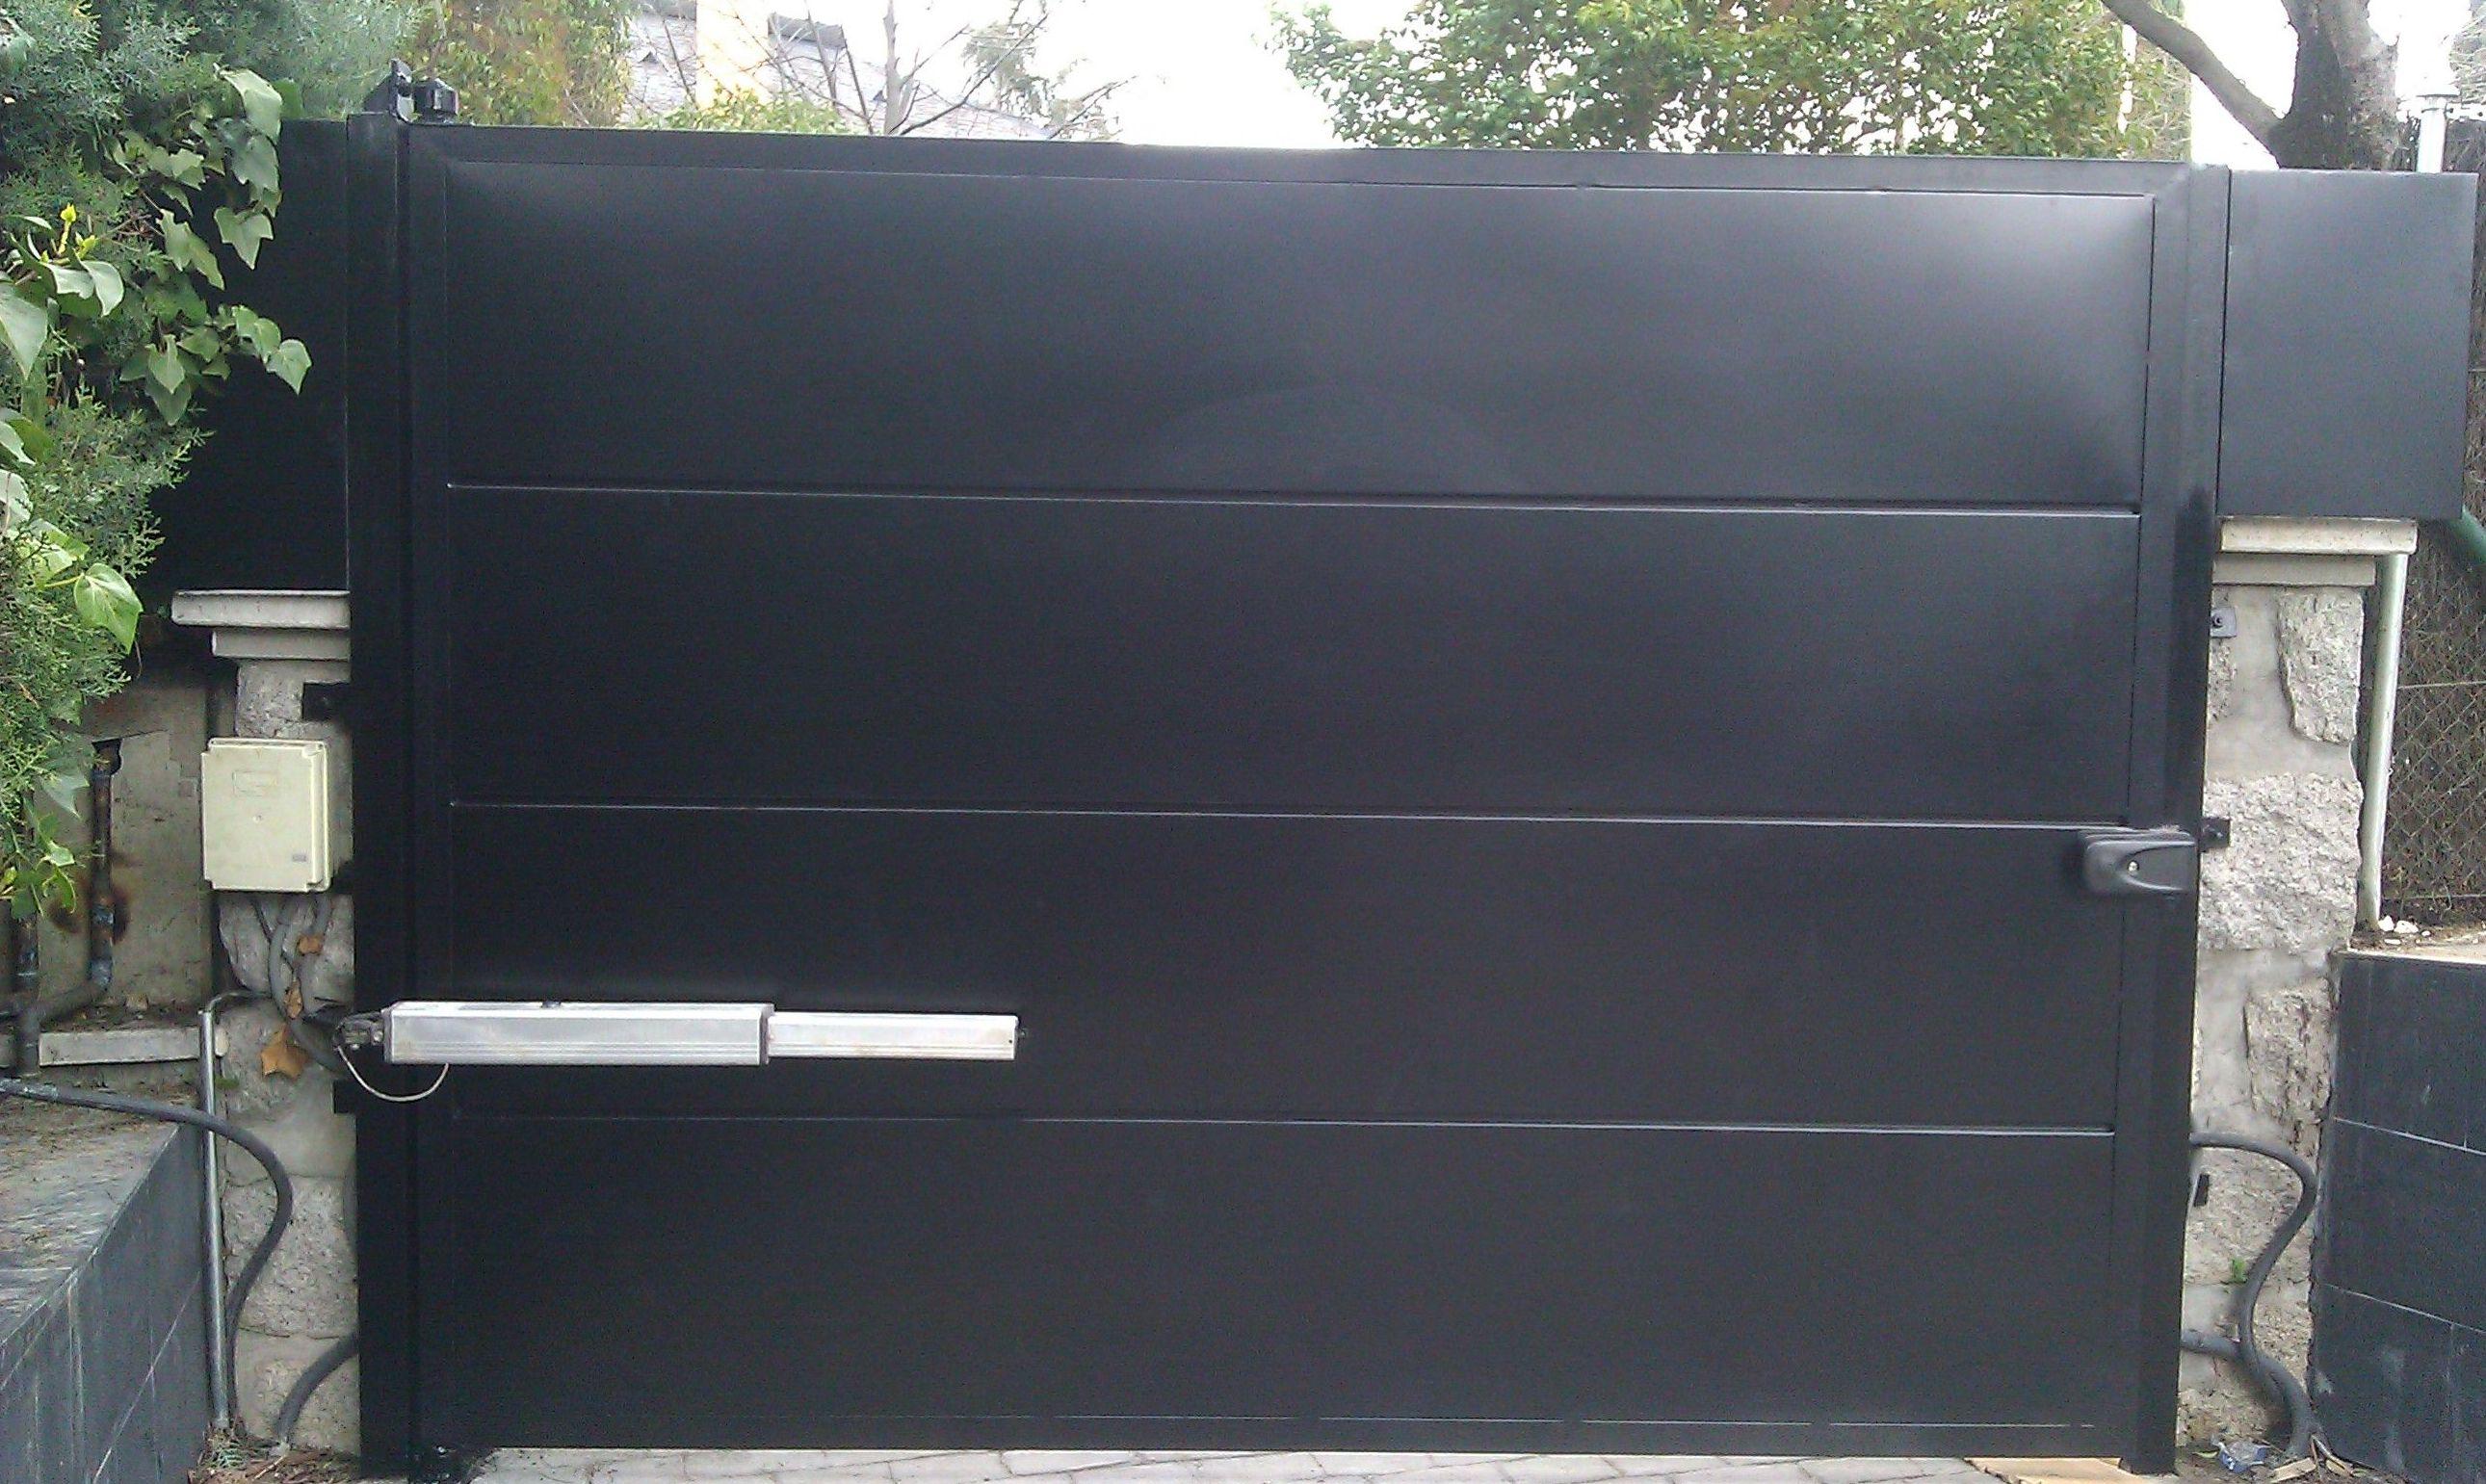 P36 - Puerta de paneles de chapa en horizontal.Una sola hoja batiente